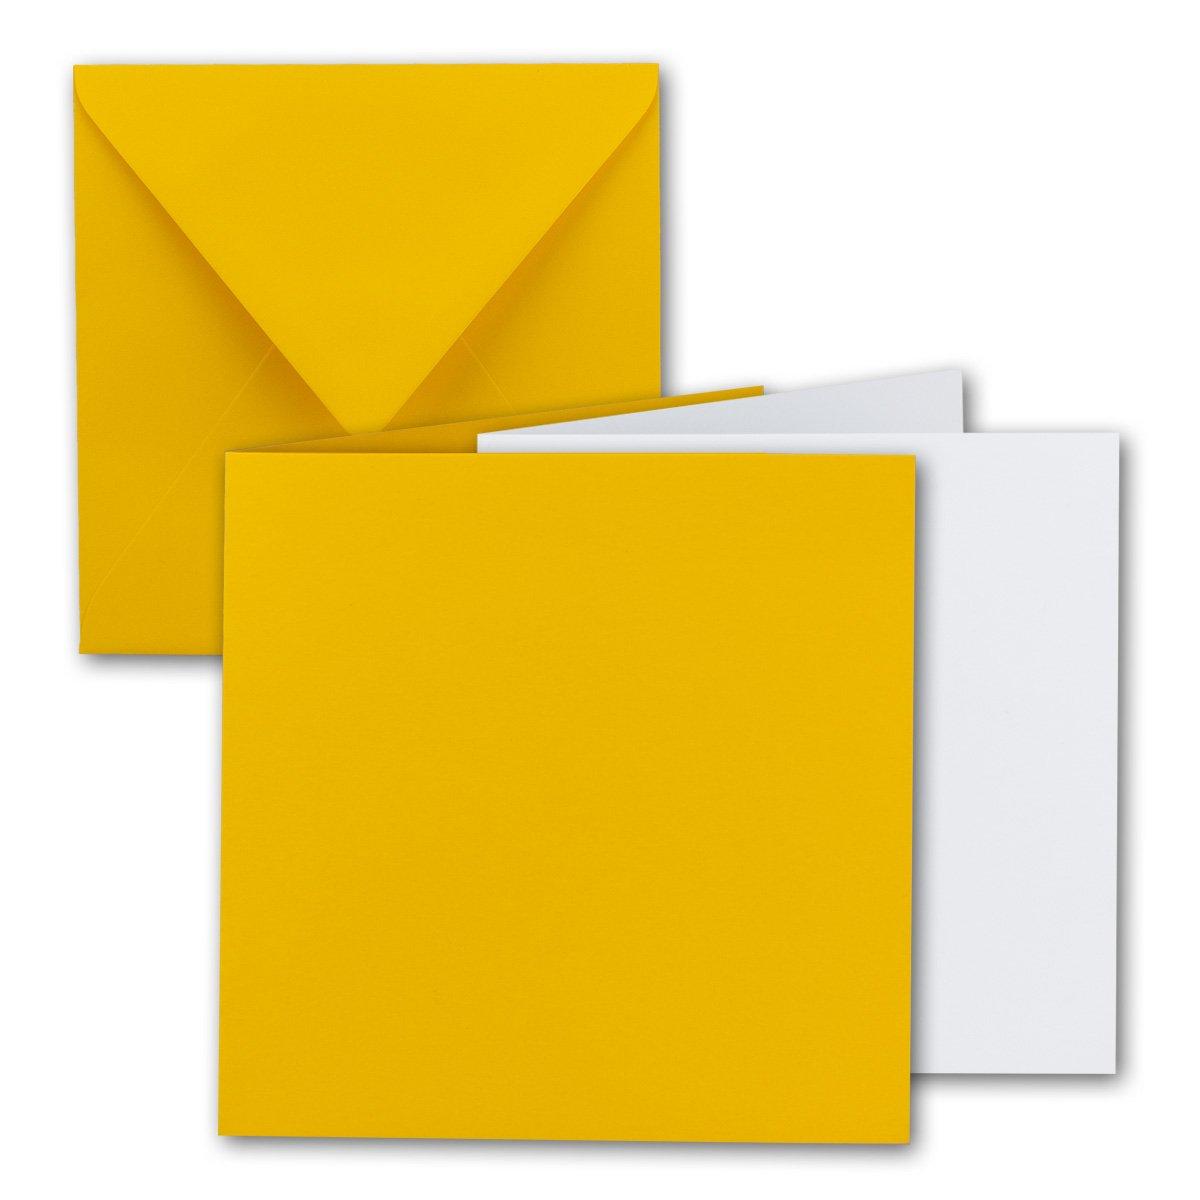 Quadratisches Falt-Karten-Set I 15 x 15 cm cm cm - mit Brief-Umschlägen & Einlege-Blätter I Royalblau I 75 Stück I KomplettpaketI Qualitätsmarke  FarbenFroh® von GUSTAV NEUSER® B07D4G5Z2V | Viele Stile  98d21b